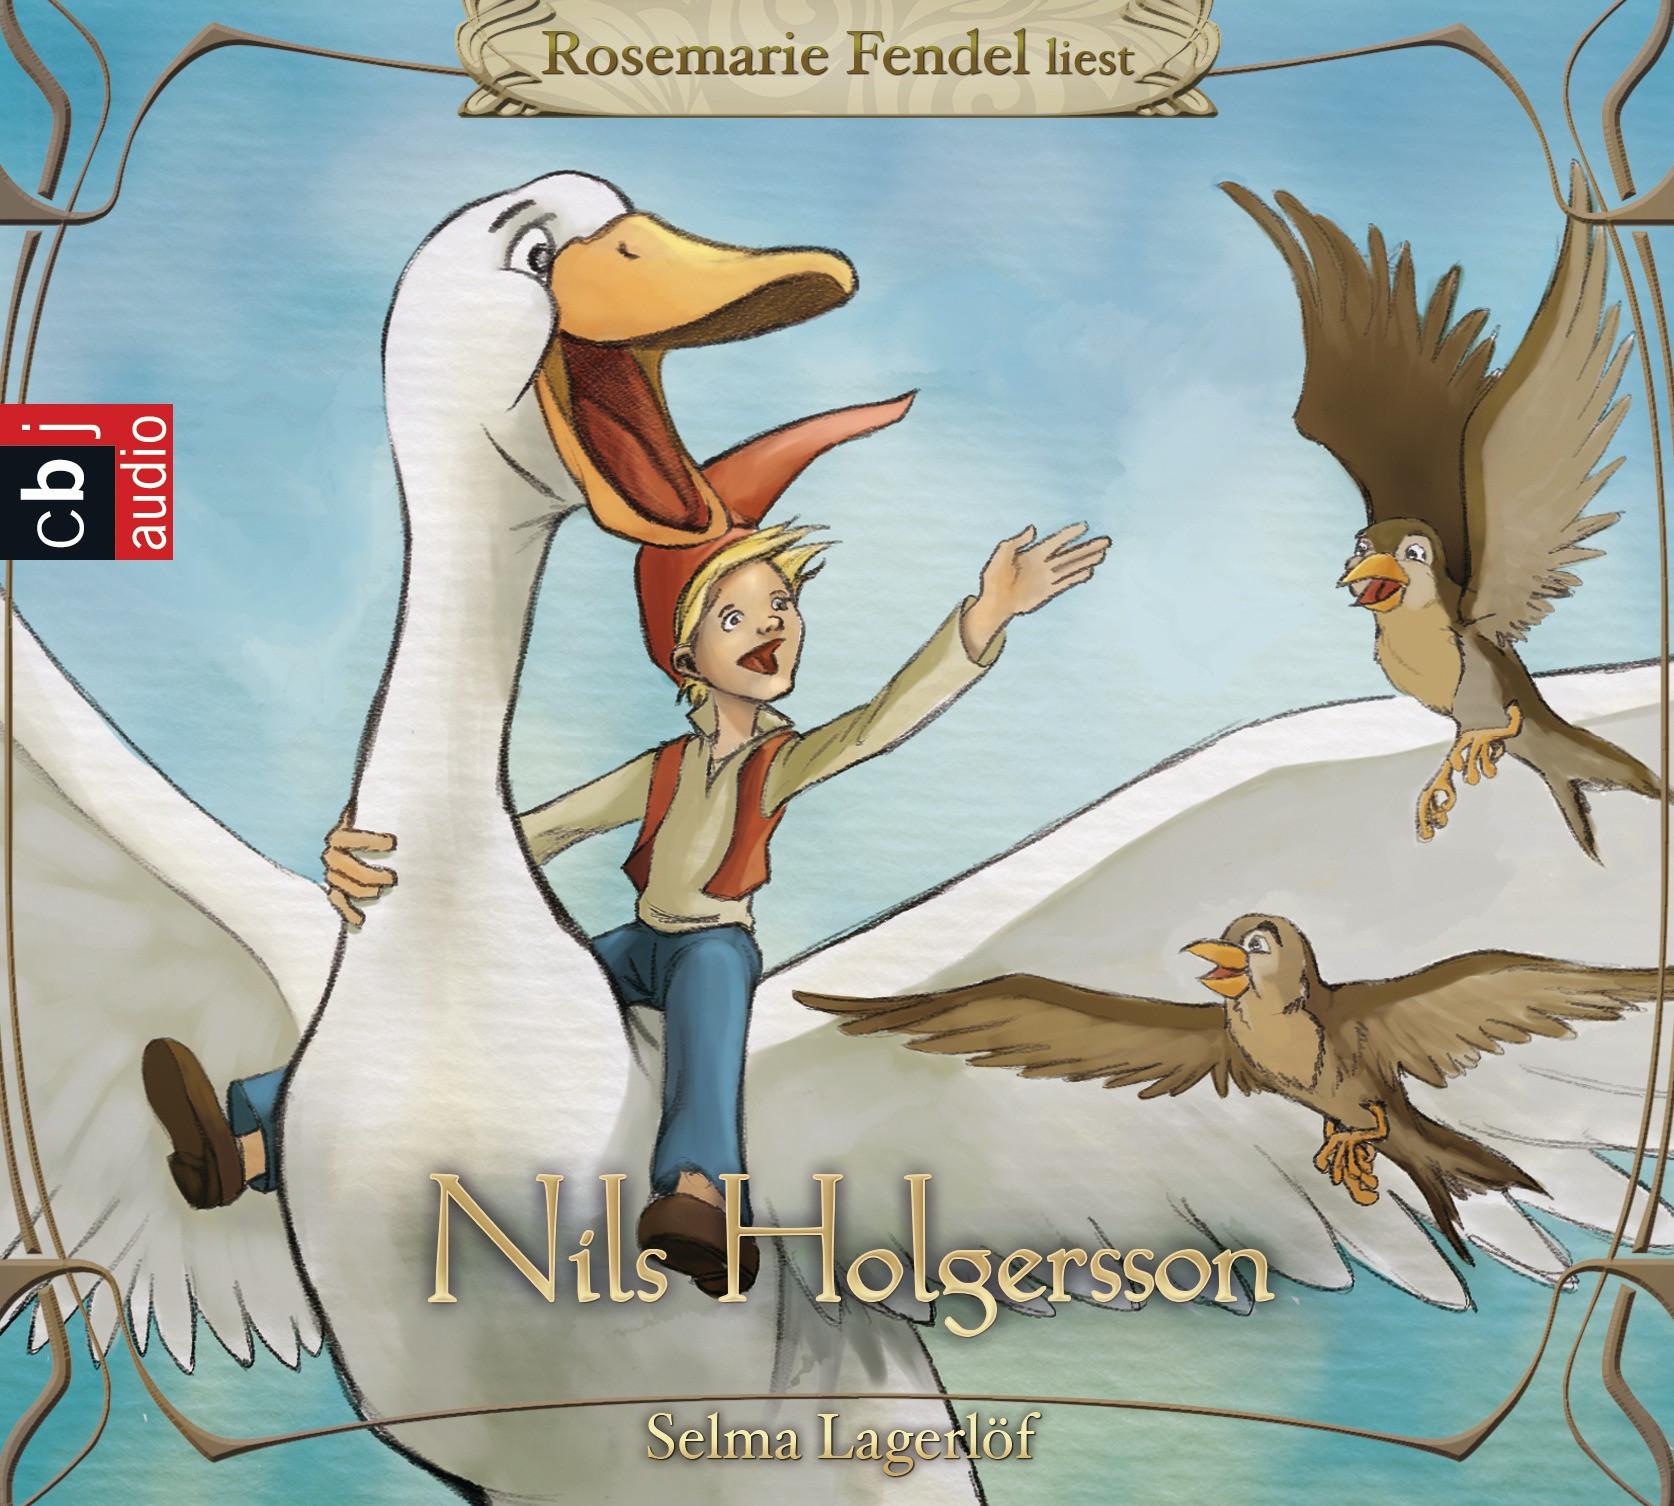 Selma Lagerlöf - Nils Holgersson